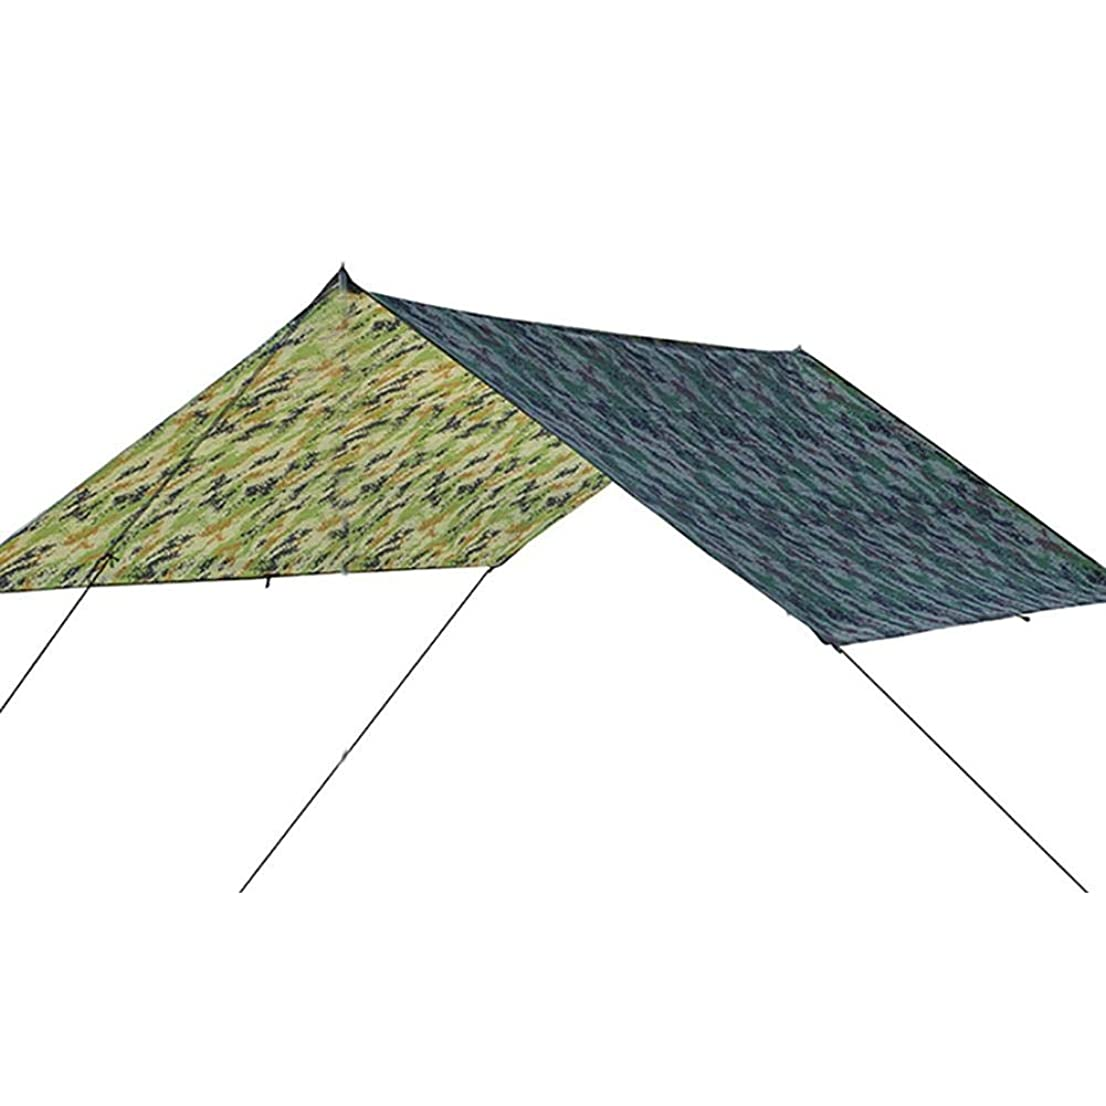 パンチモザイク影響する多機能テントタープ シェルター レインタープ 防水 紫外線保護 太陽キャノピー 屋外 キャンプ 旅行 オーニングバック パッキングタープ ポータブル